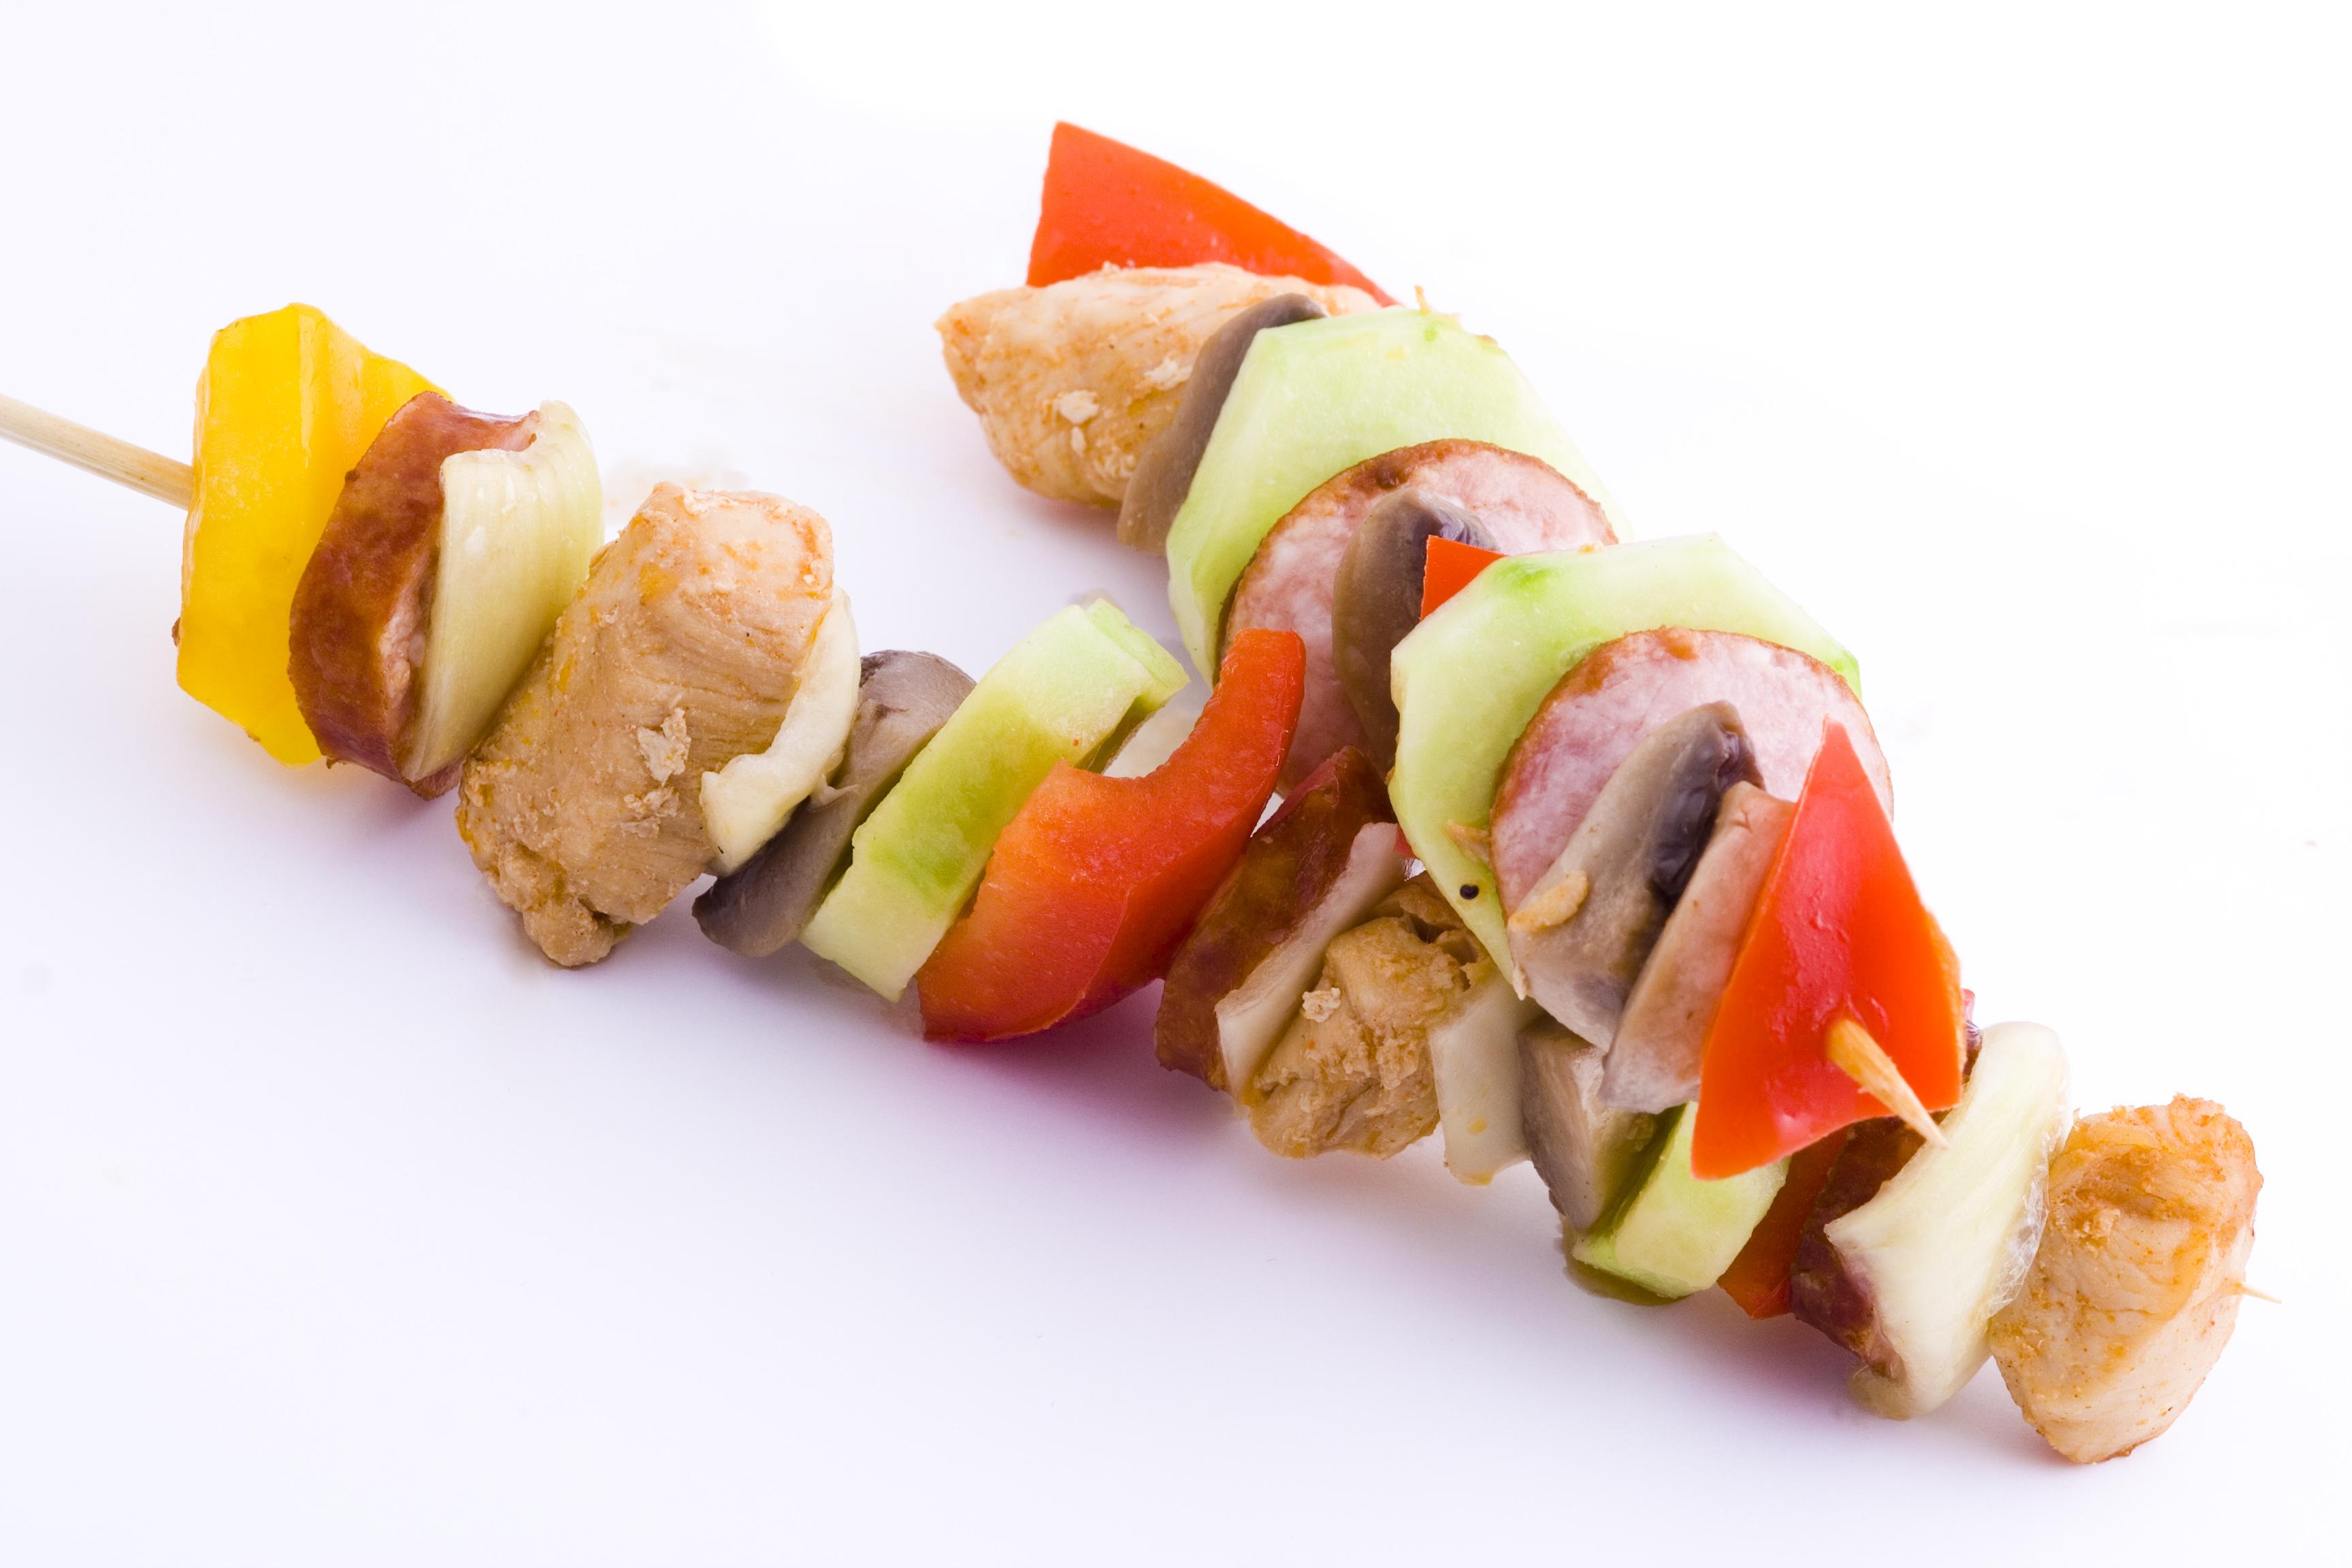 The Kebabs - The Kebabs